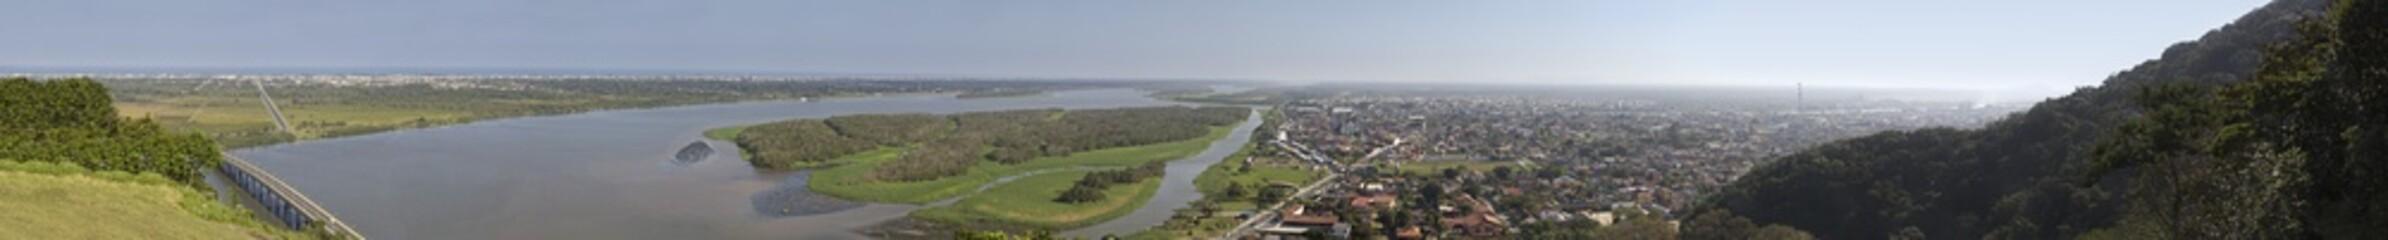 Iguape - Panoramic view